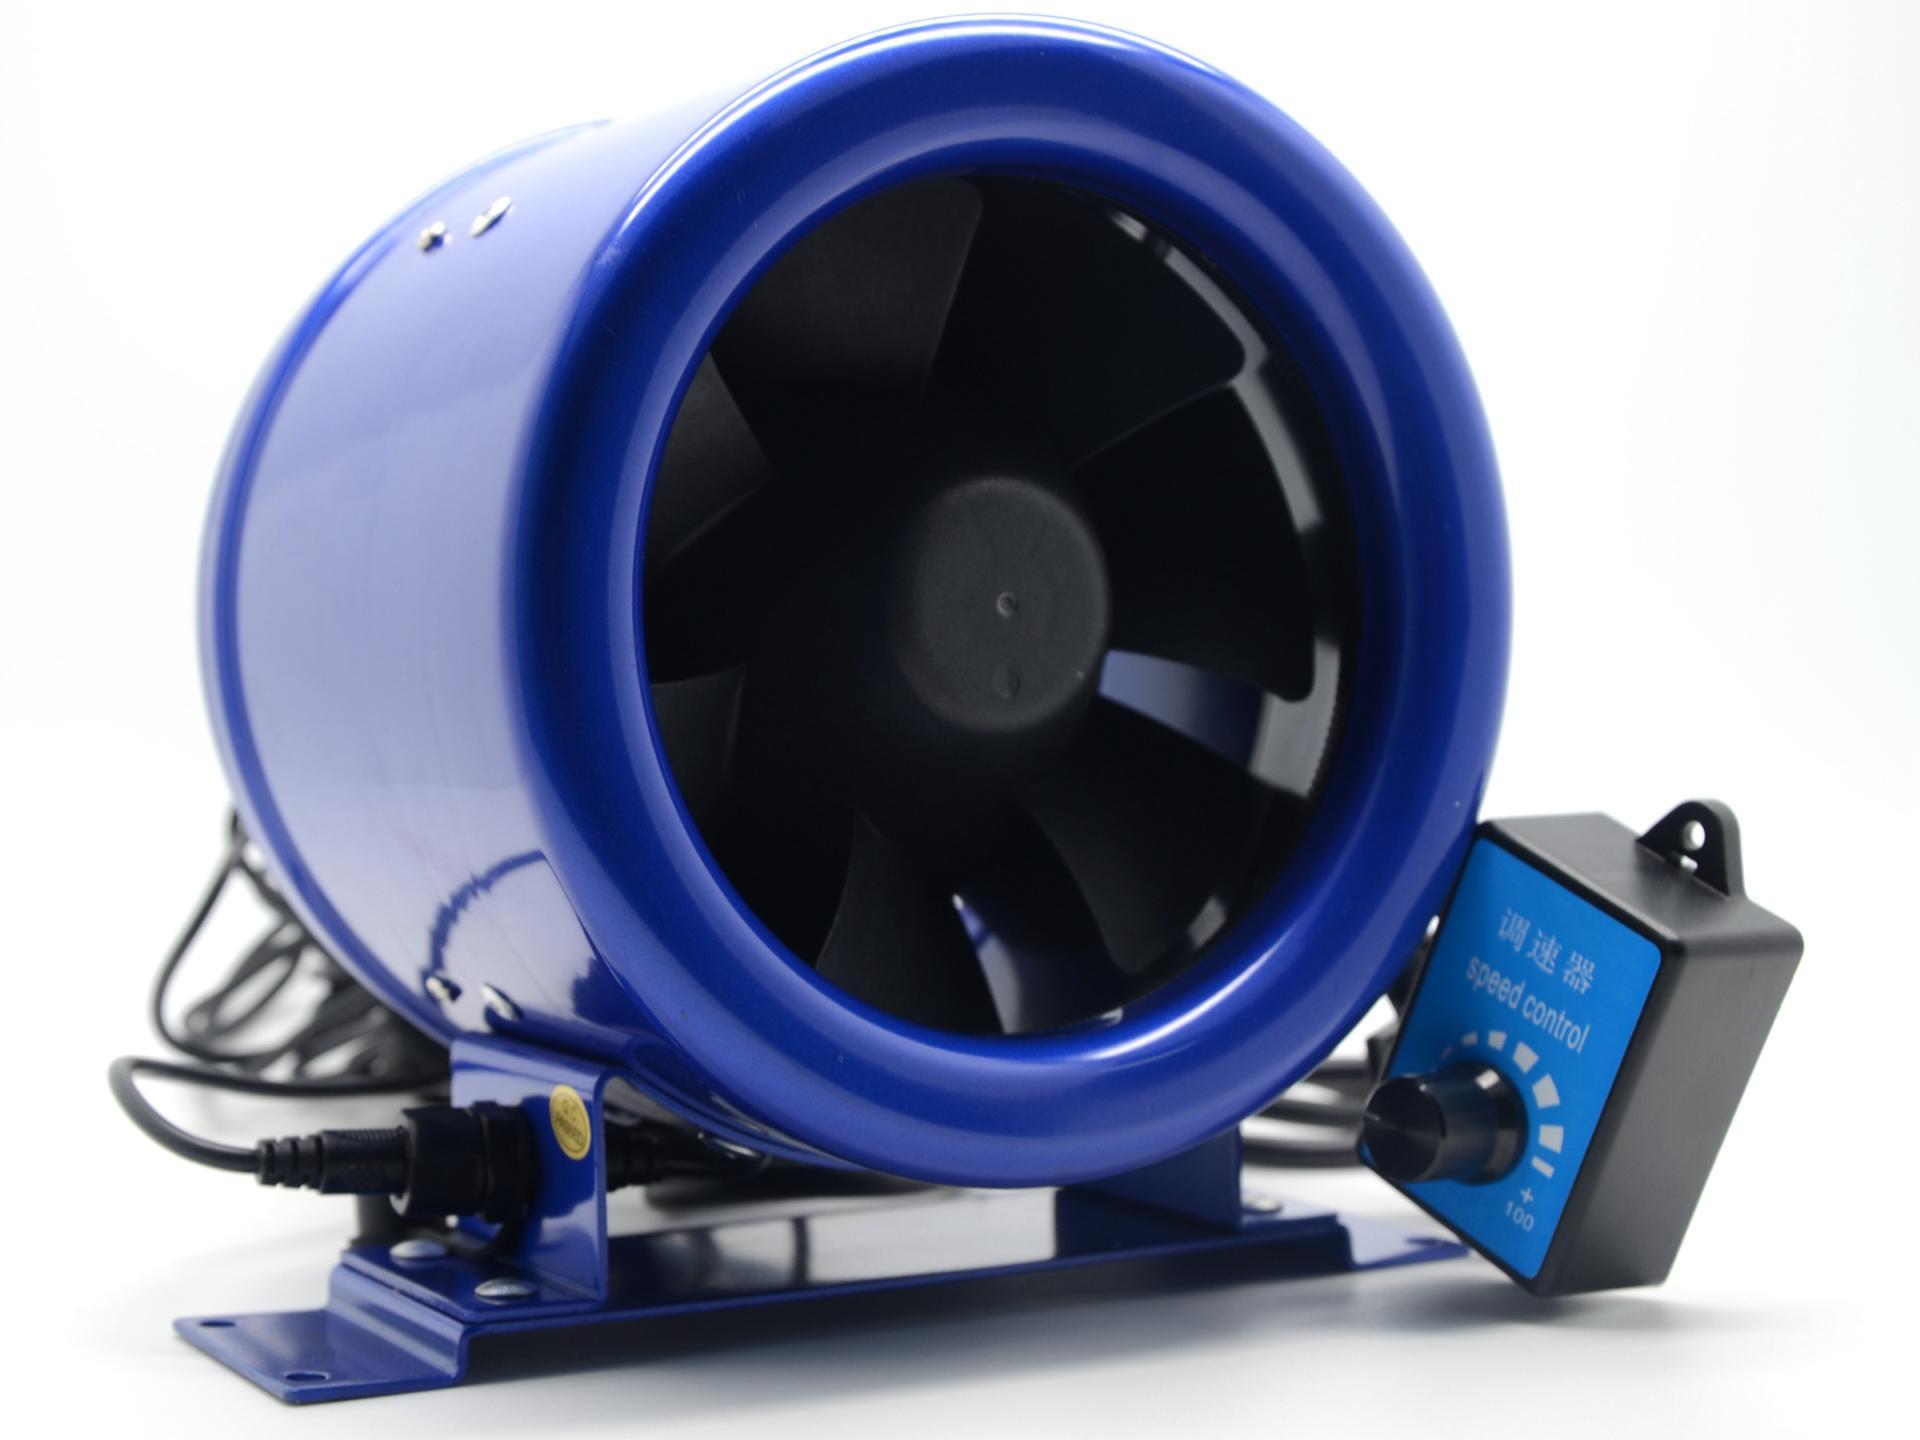 Hyper Fan 6 Inline Duct Booster Fan W/ Speed Controller Exhaust Blower  #245DA7